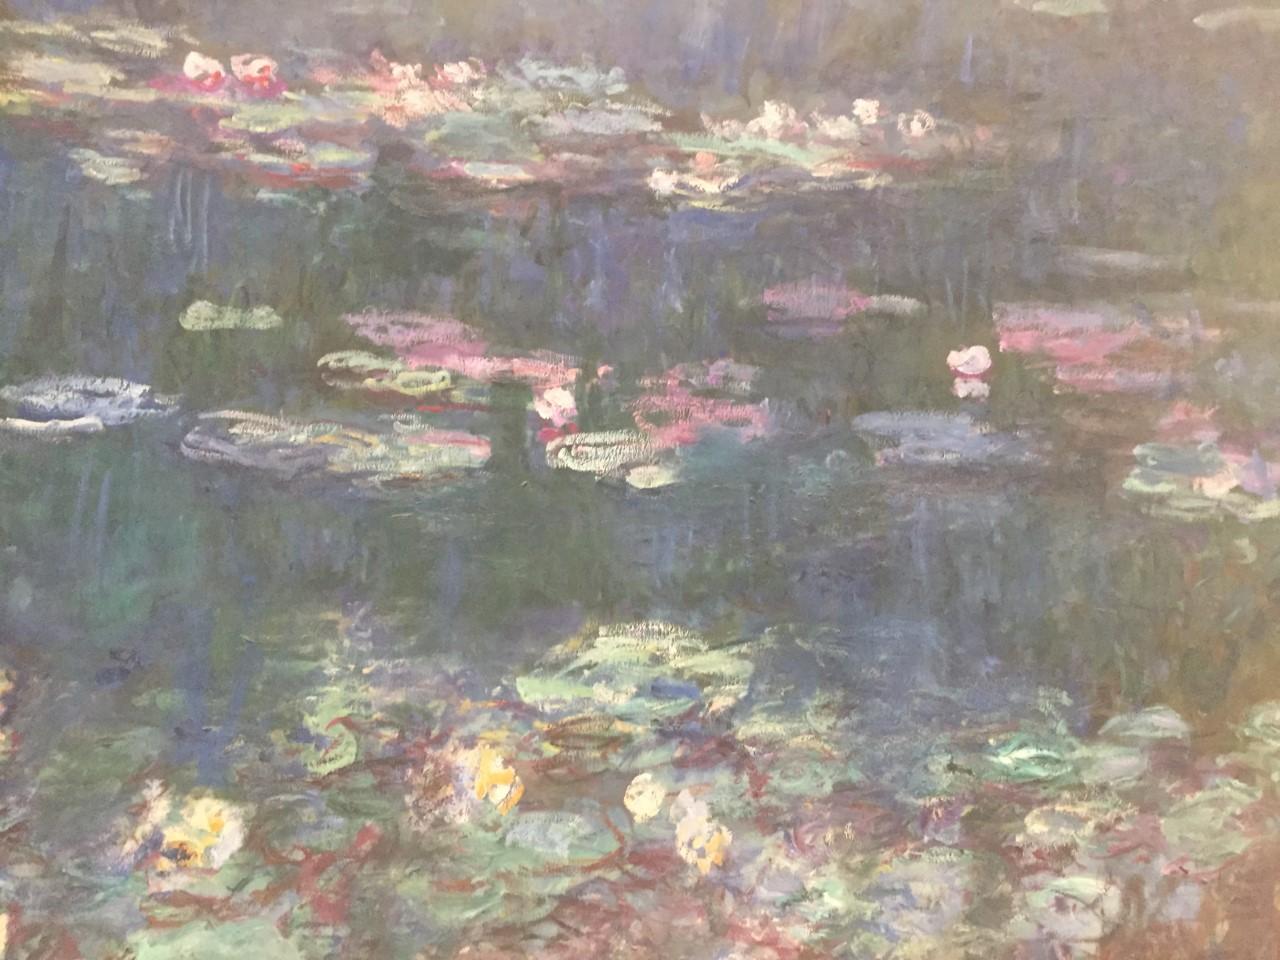 détails des Nymphéas de Monet, musée de l'Orangerie © bd otaku